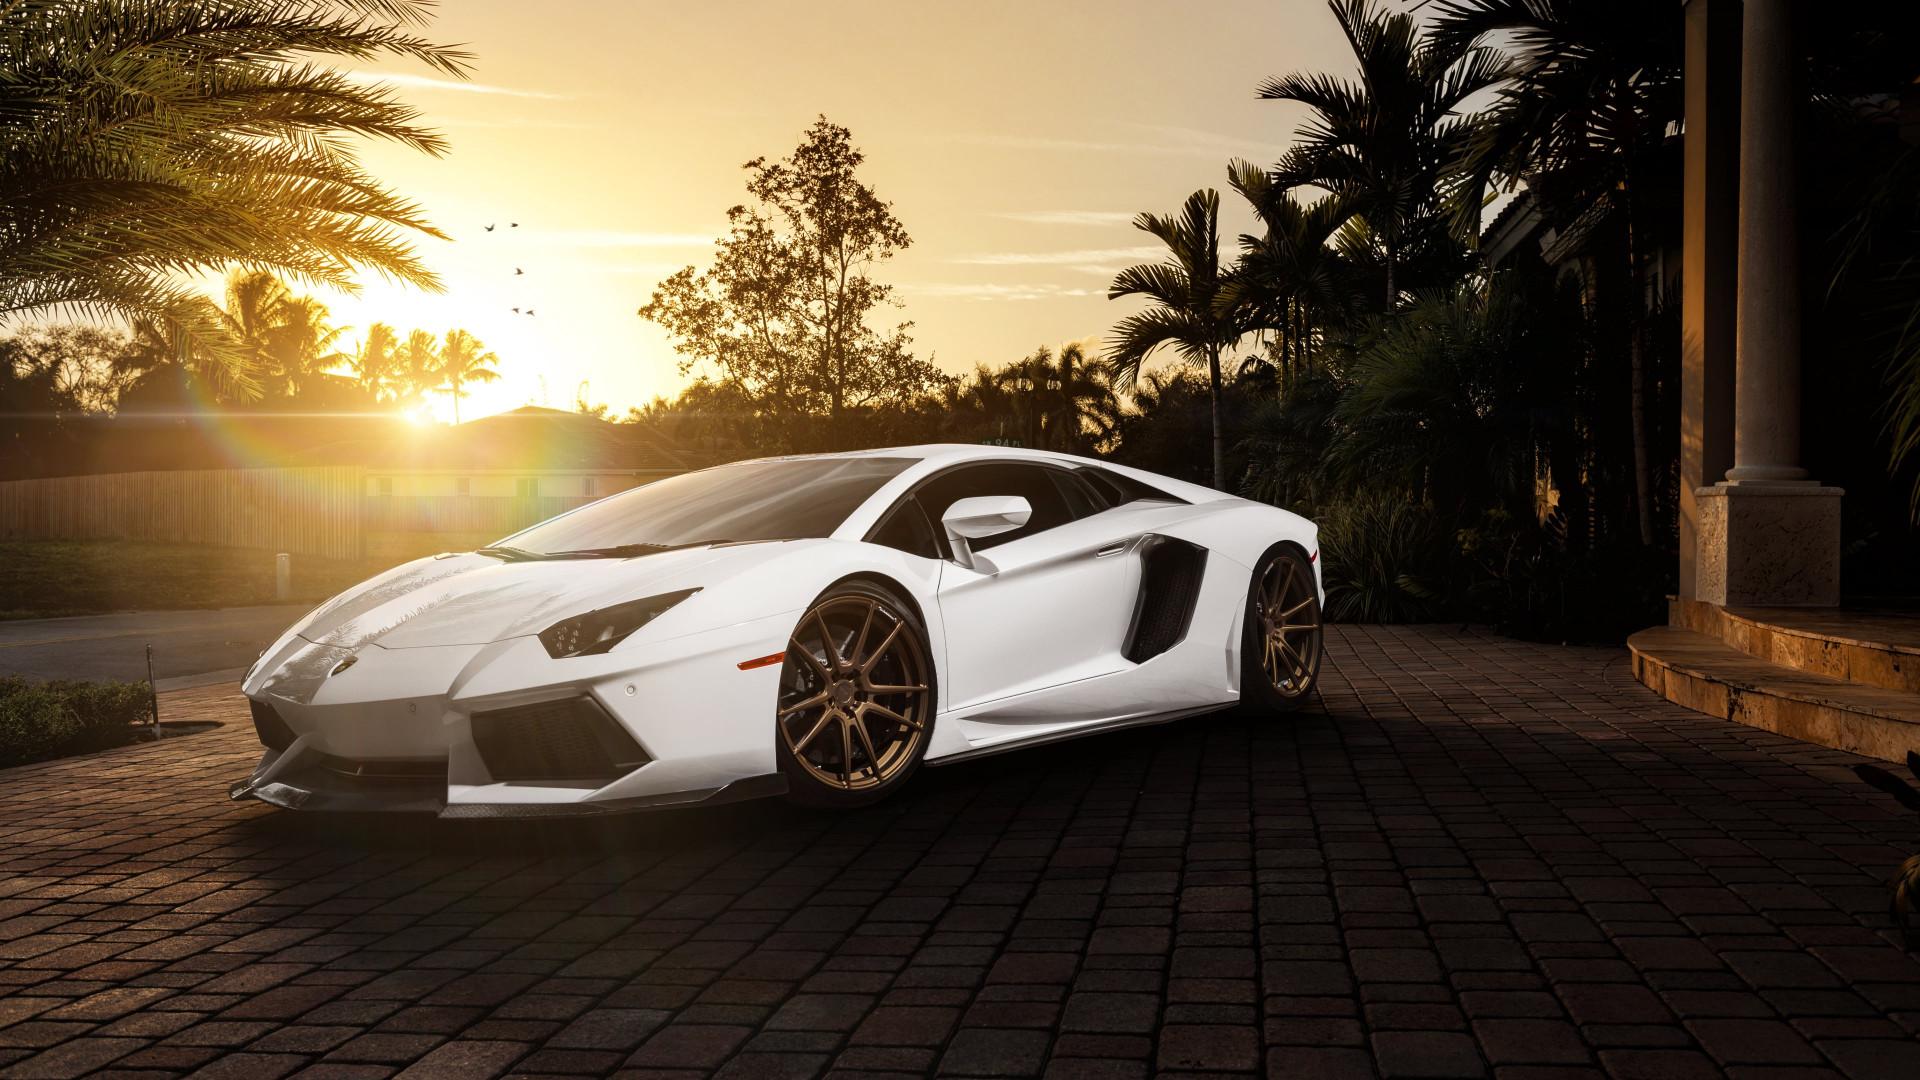 Adv1 Aventador Lamborghini Miami Wallpapers: Download Wallpaper: Lamborghini Aventador With ADV1 Rims